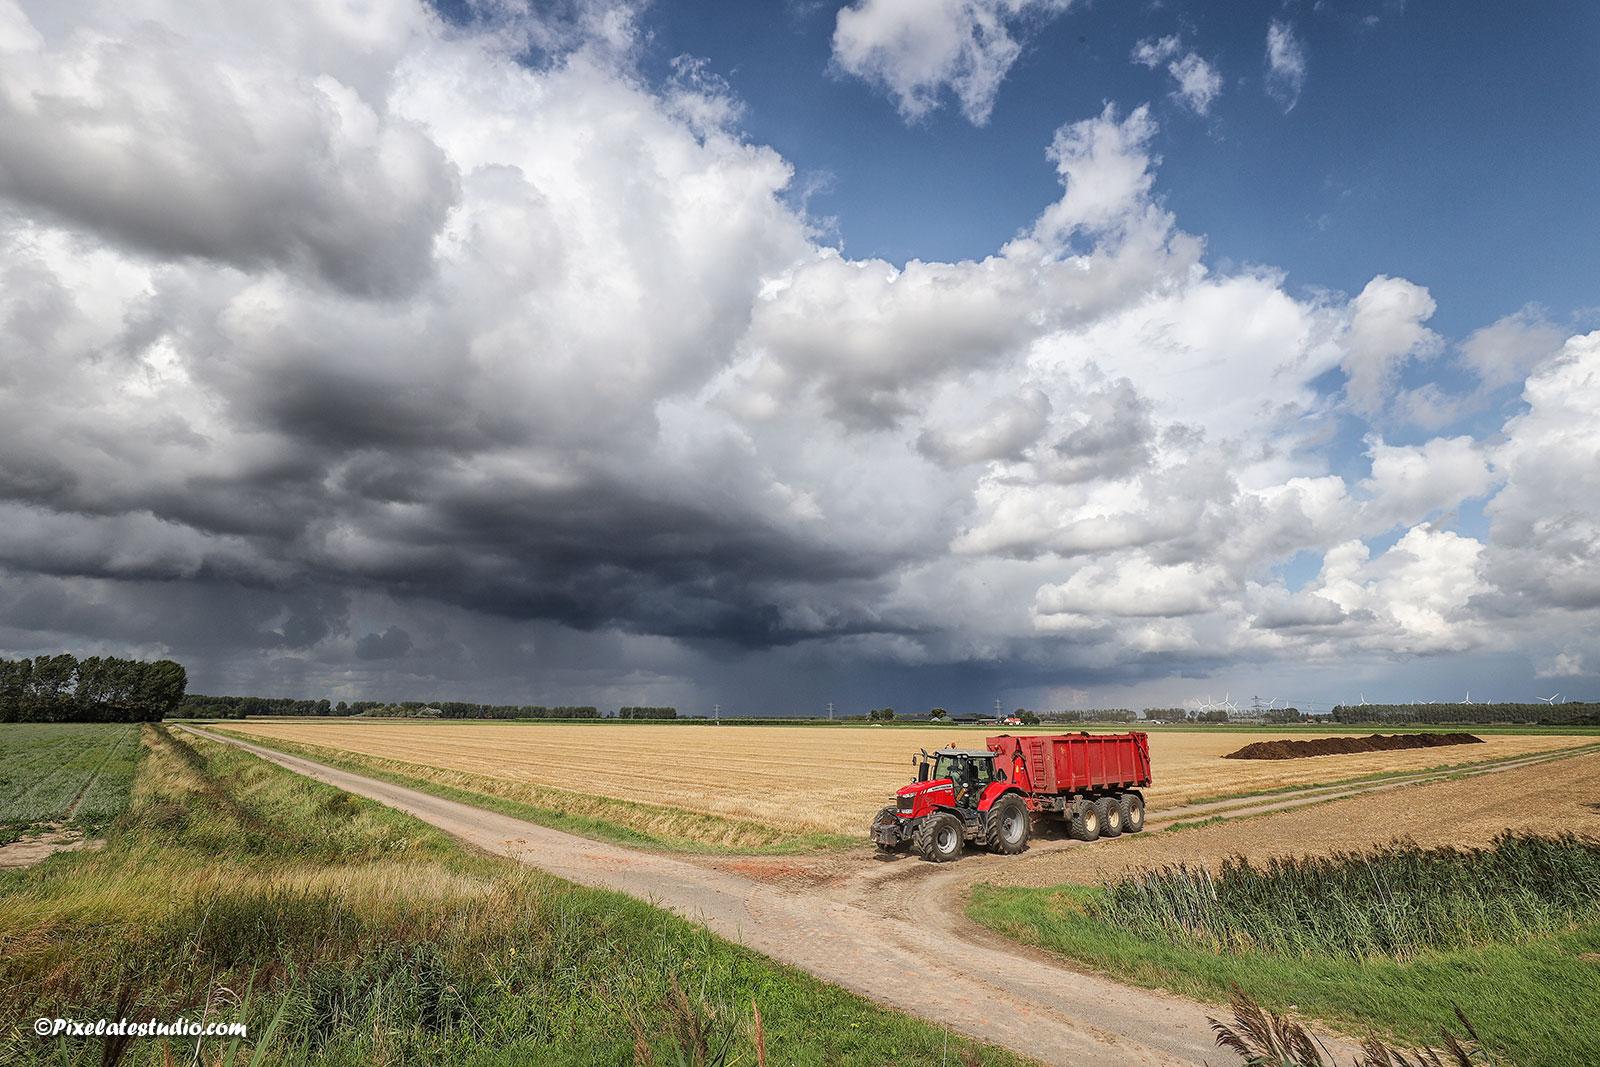 3d landschapsfoto, tractor rijd mest het afgereden graanveld op.